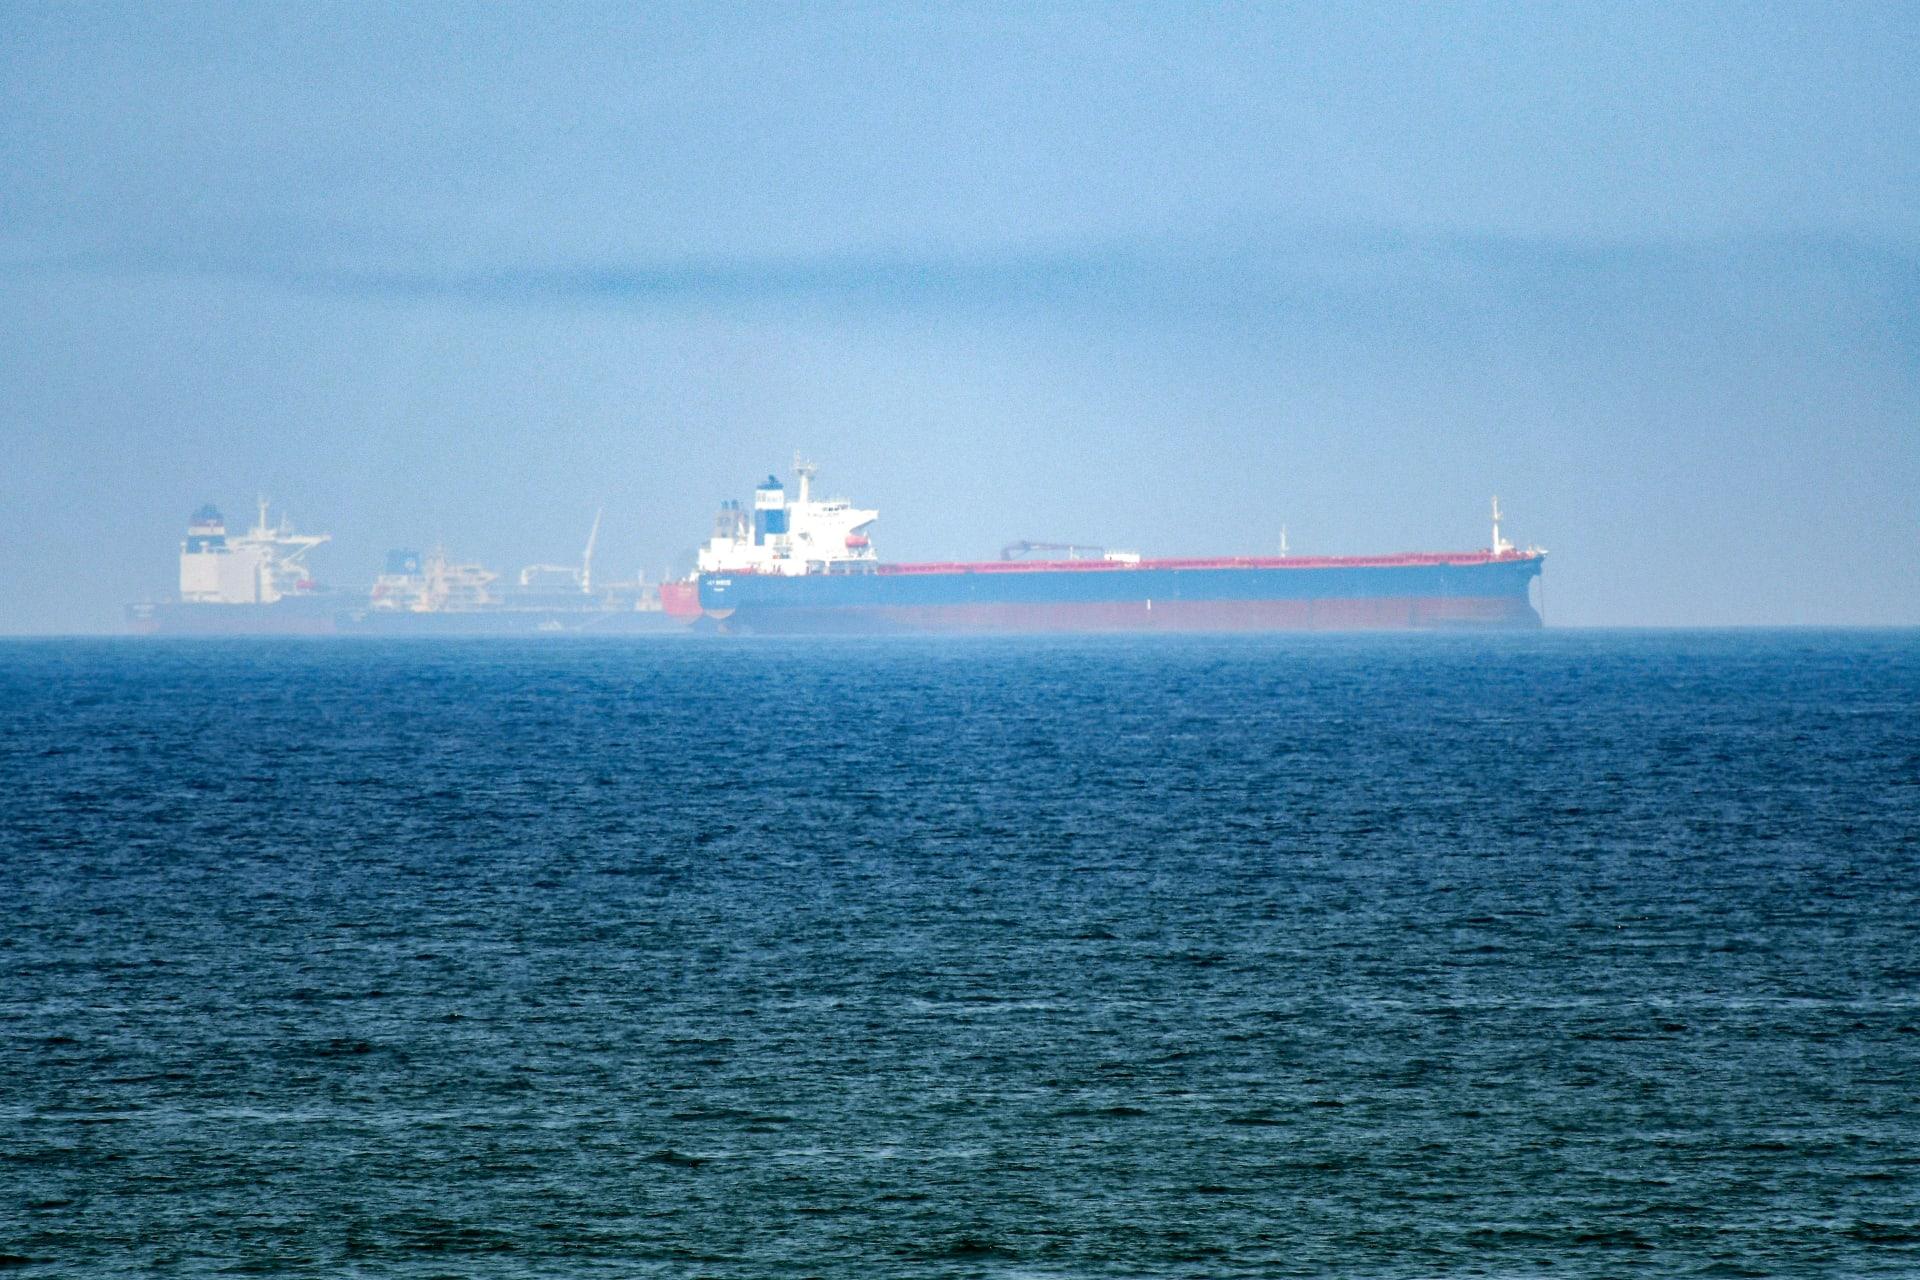 منظمات ملاحية: تعرض سفينة لانفجار في خليج عُمان